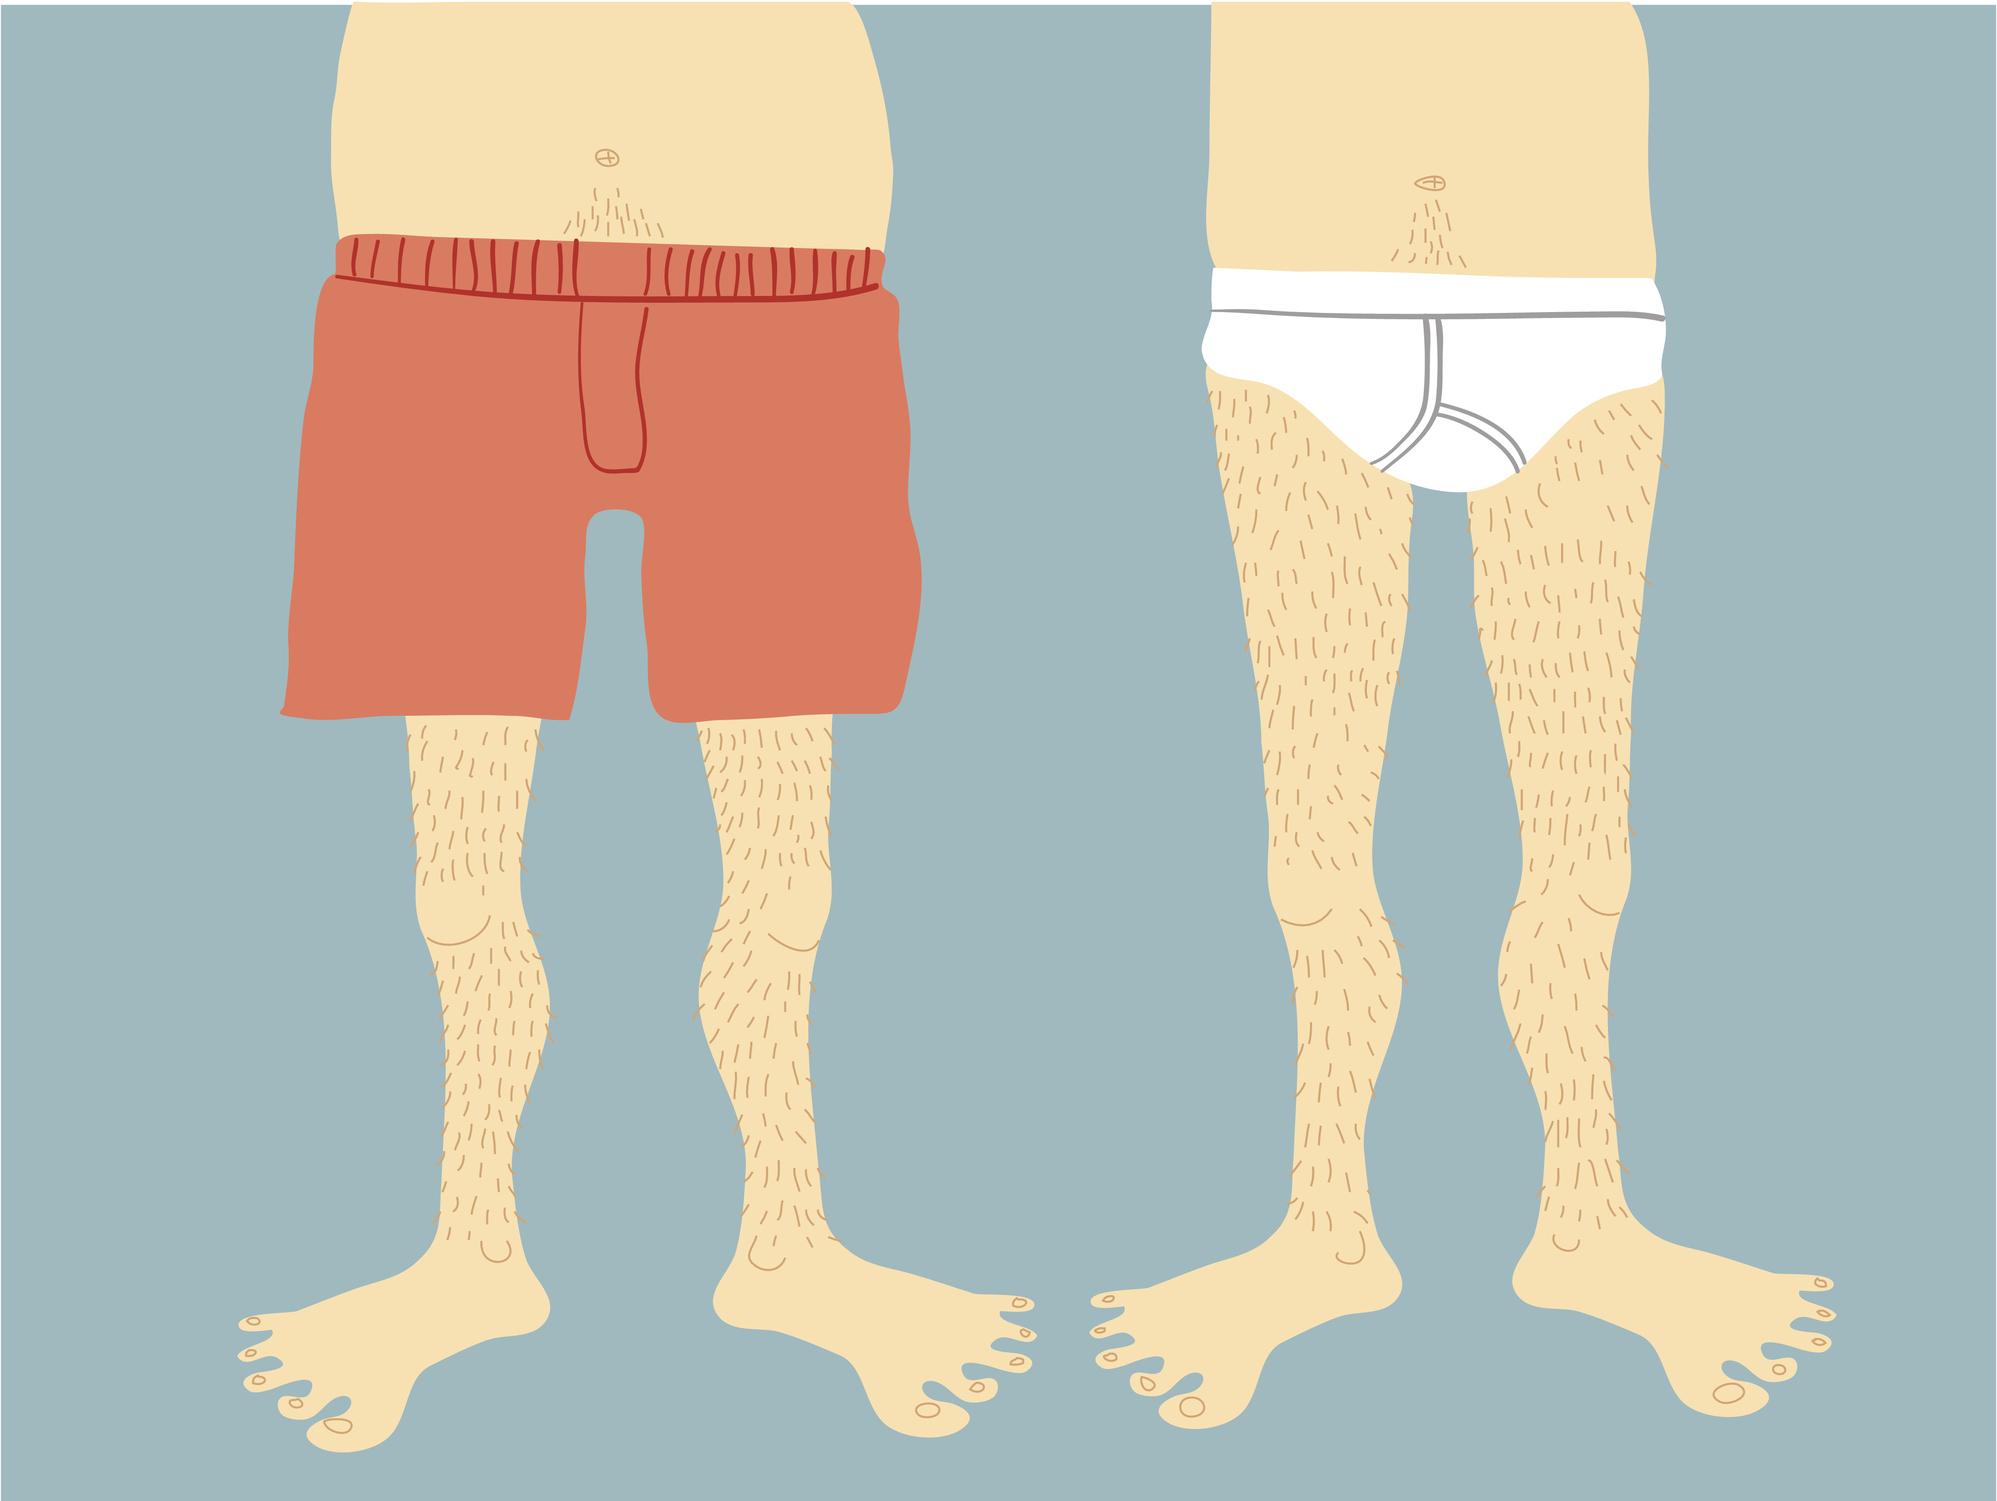 """f05d76711 Homens que vestem """"boxers"""" têm mais espermatozóides"""